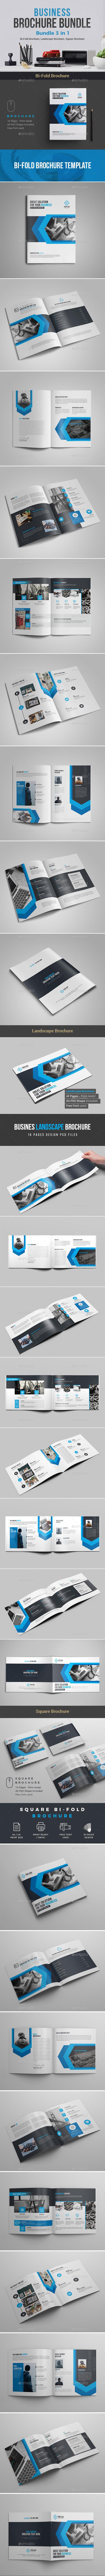 Brochure Bundle 3 in 1 - Brochures Print Templates